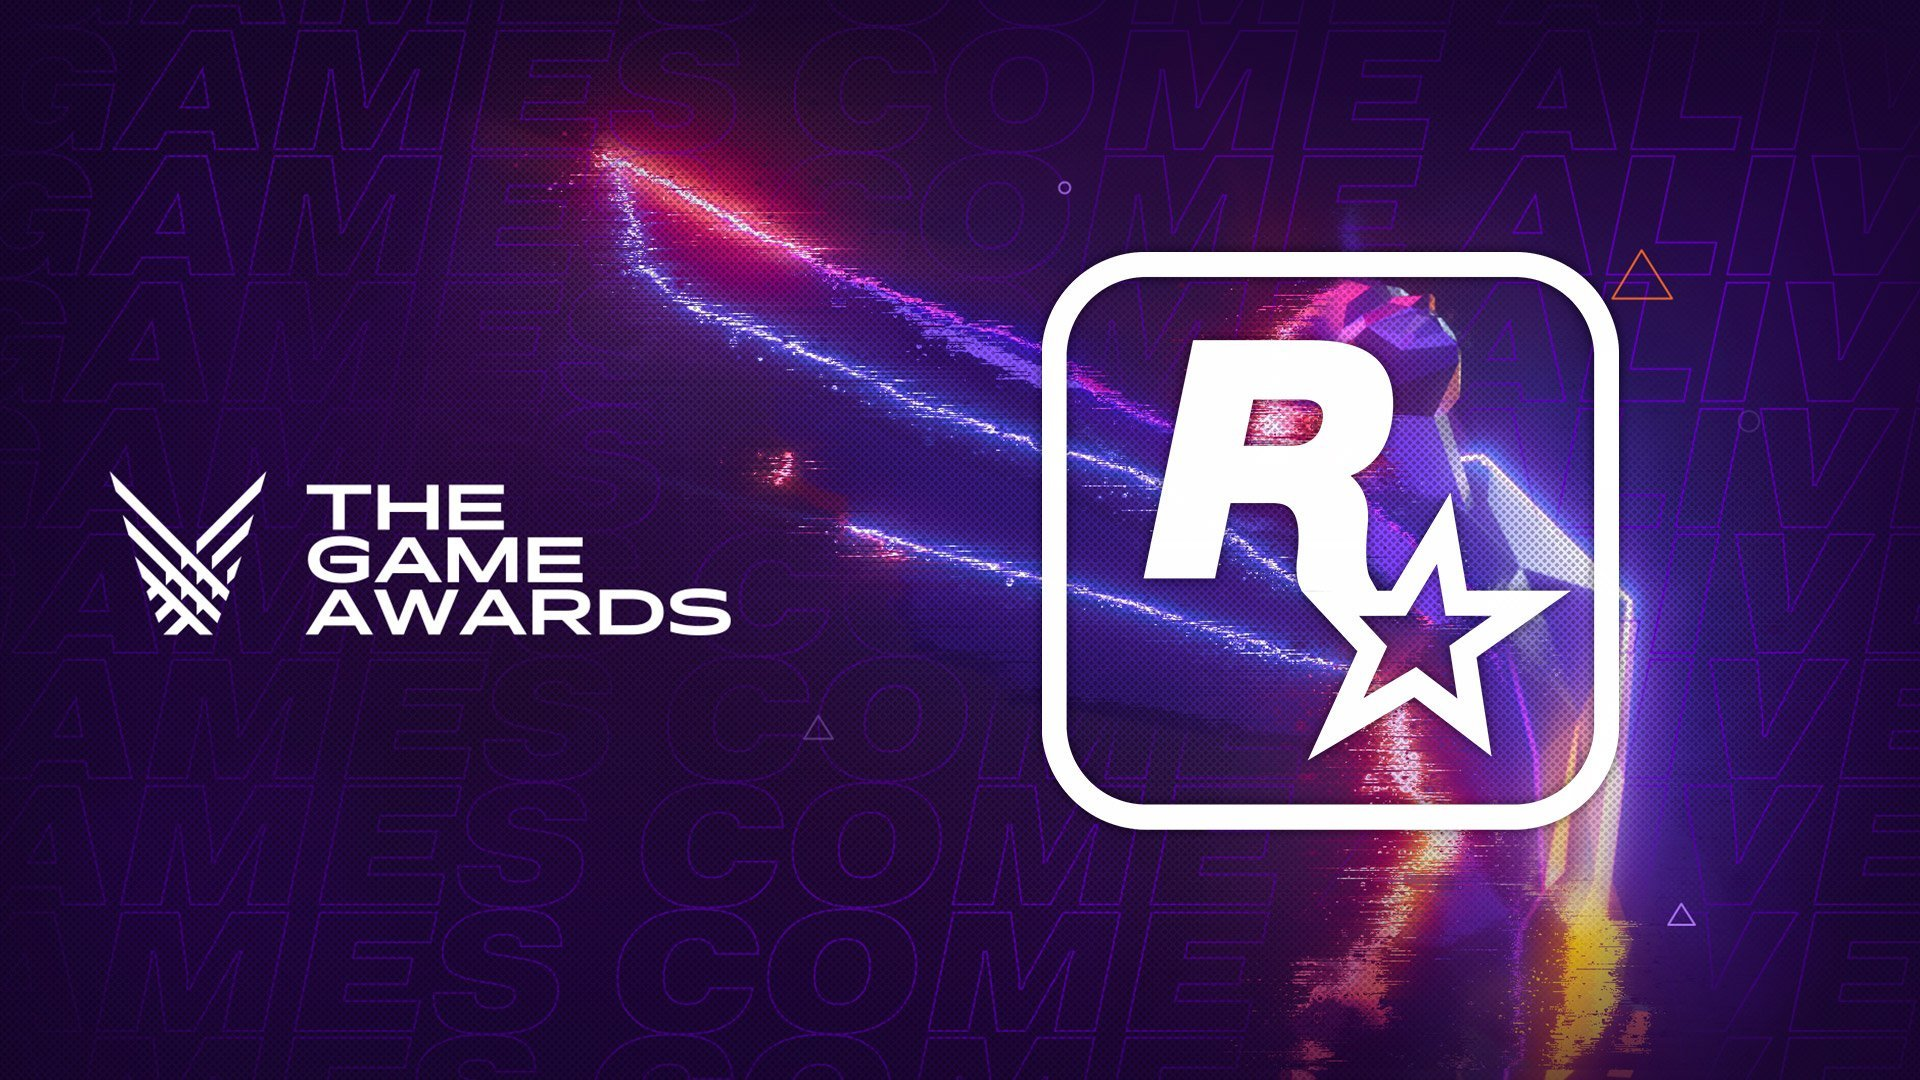 Vale a pena lembrar que a Rockstar Games não tem o curtume de anunciar jogos novos em eventos.